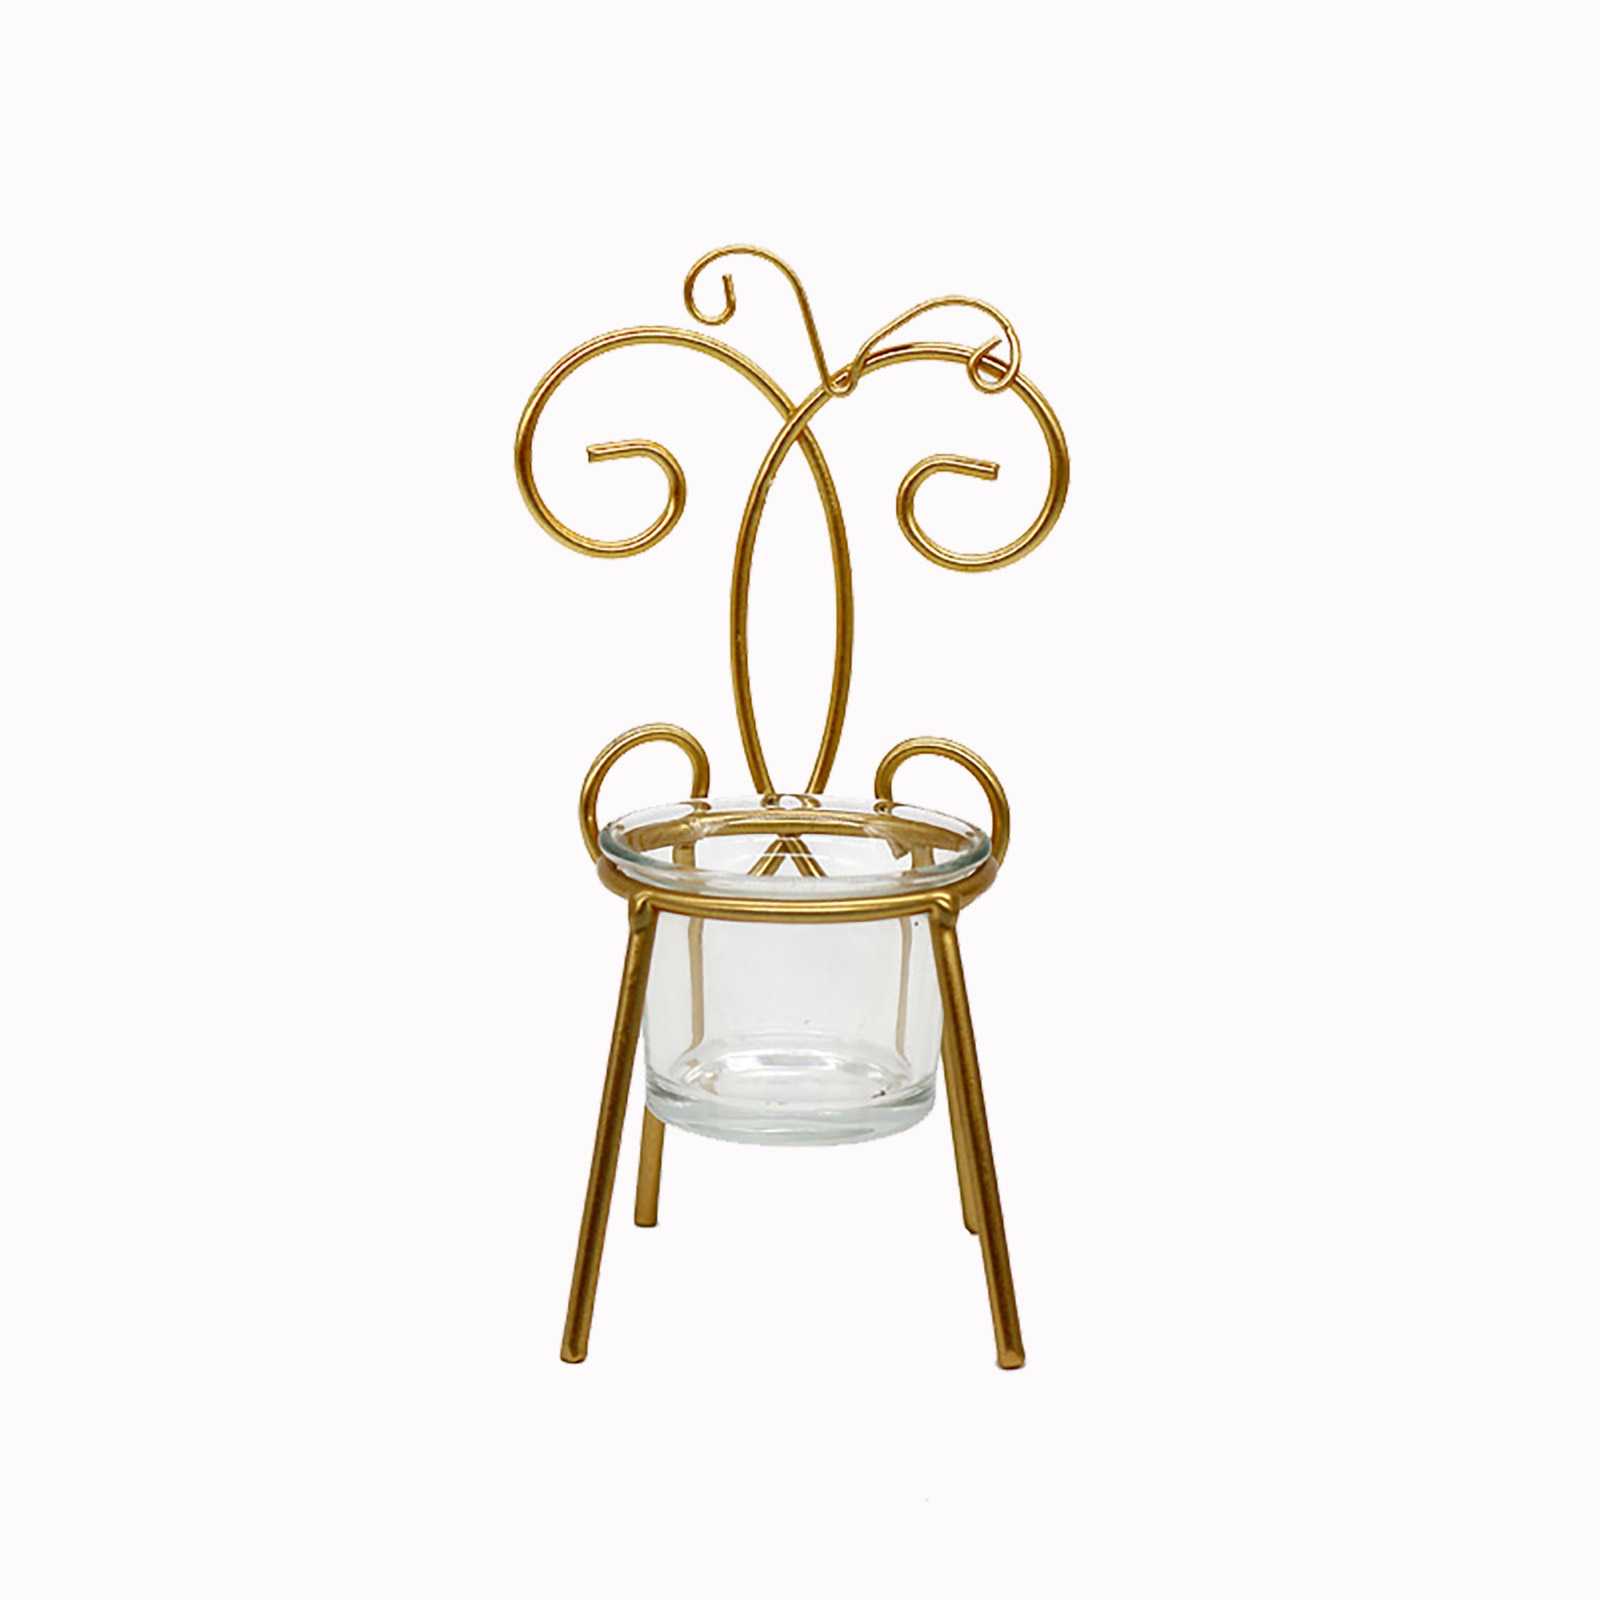 Araña-silla de hierro forjado con forma de mariposa, portavelas, decoración artesanal para...